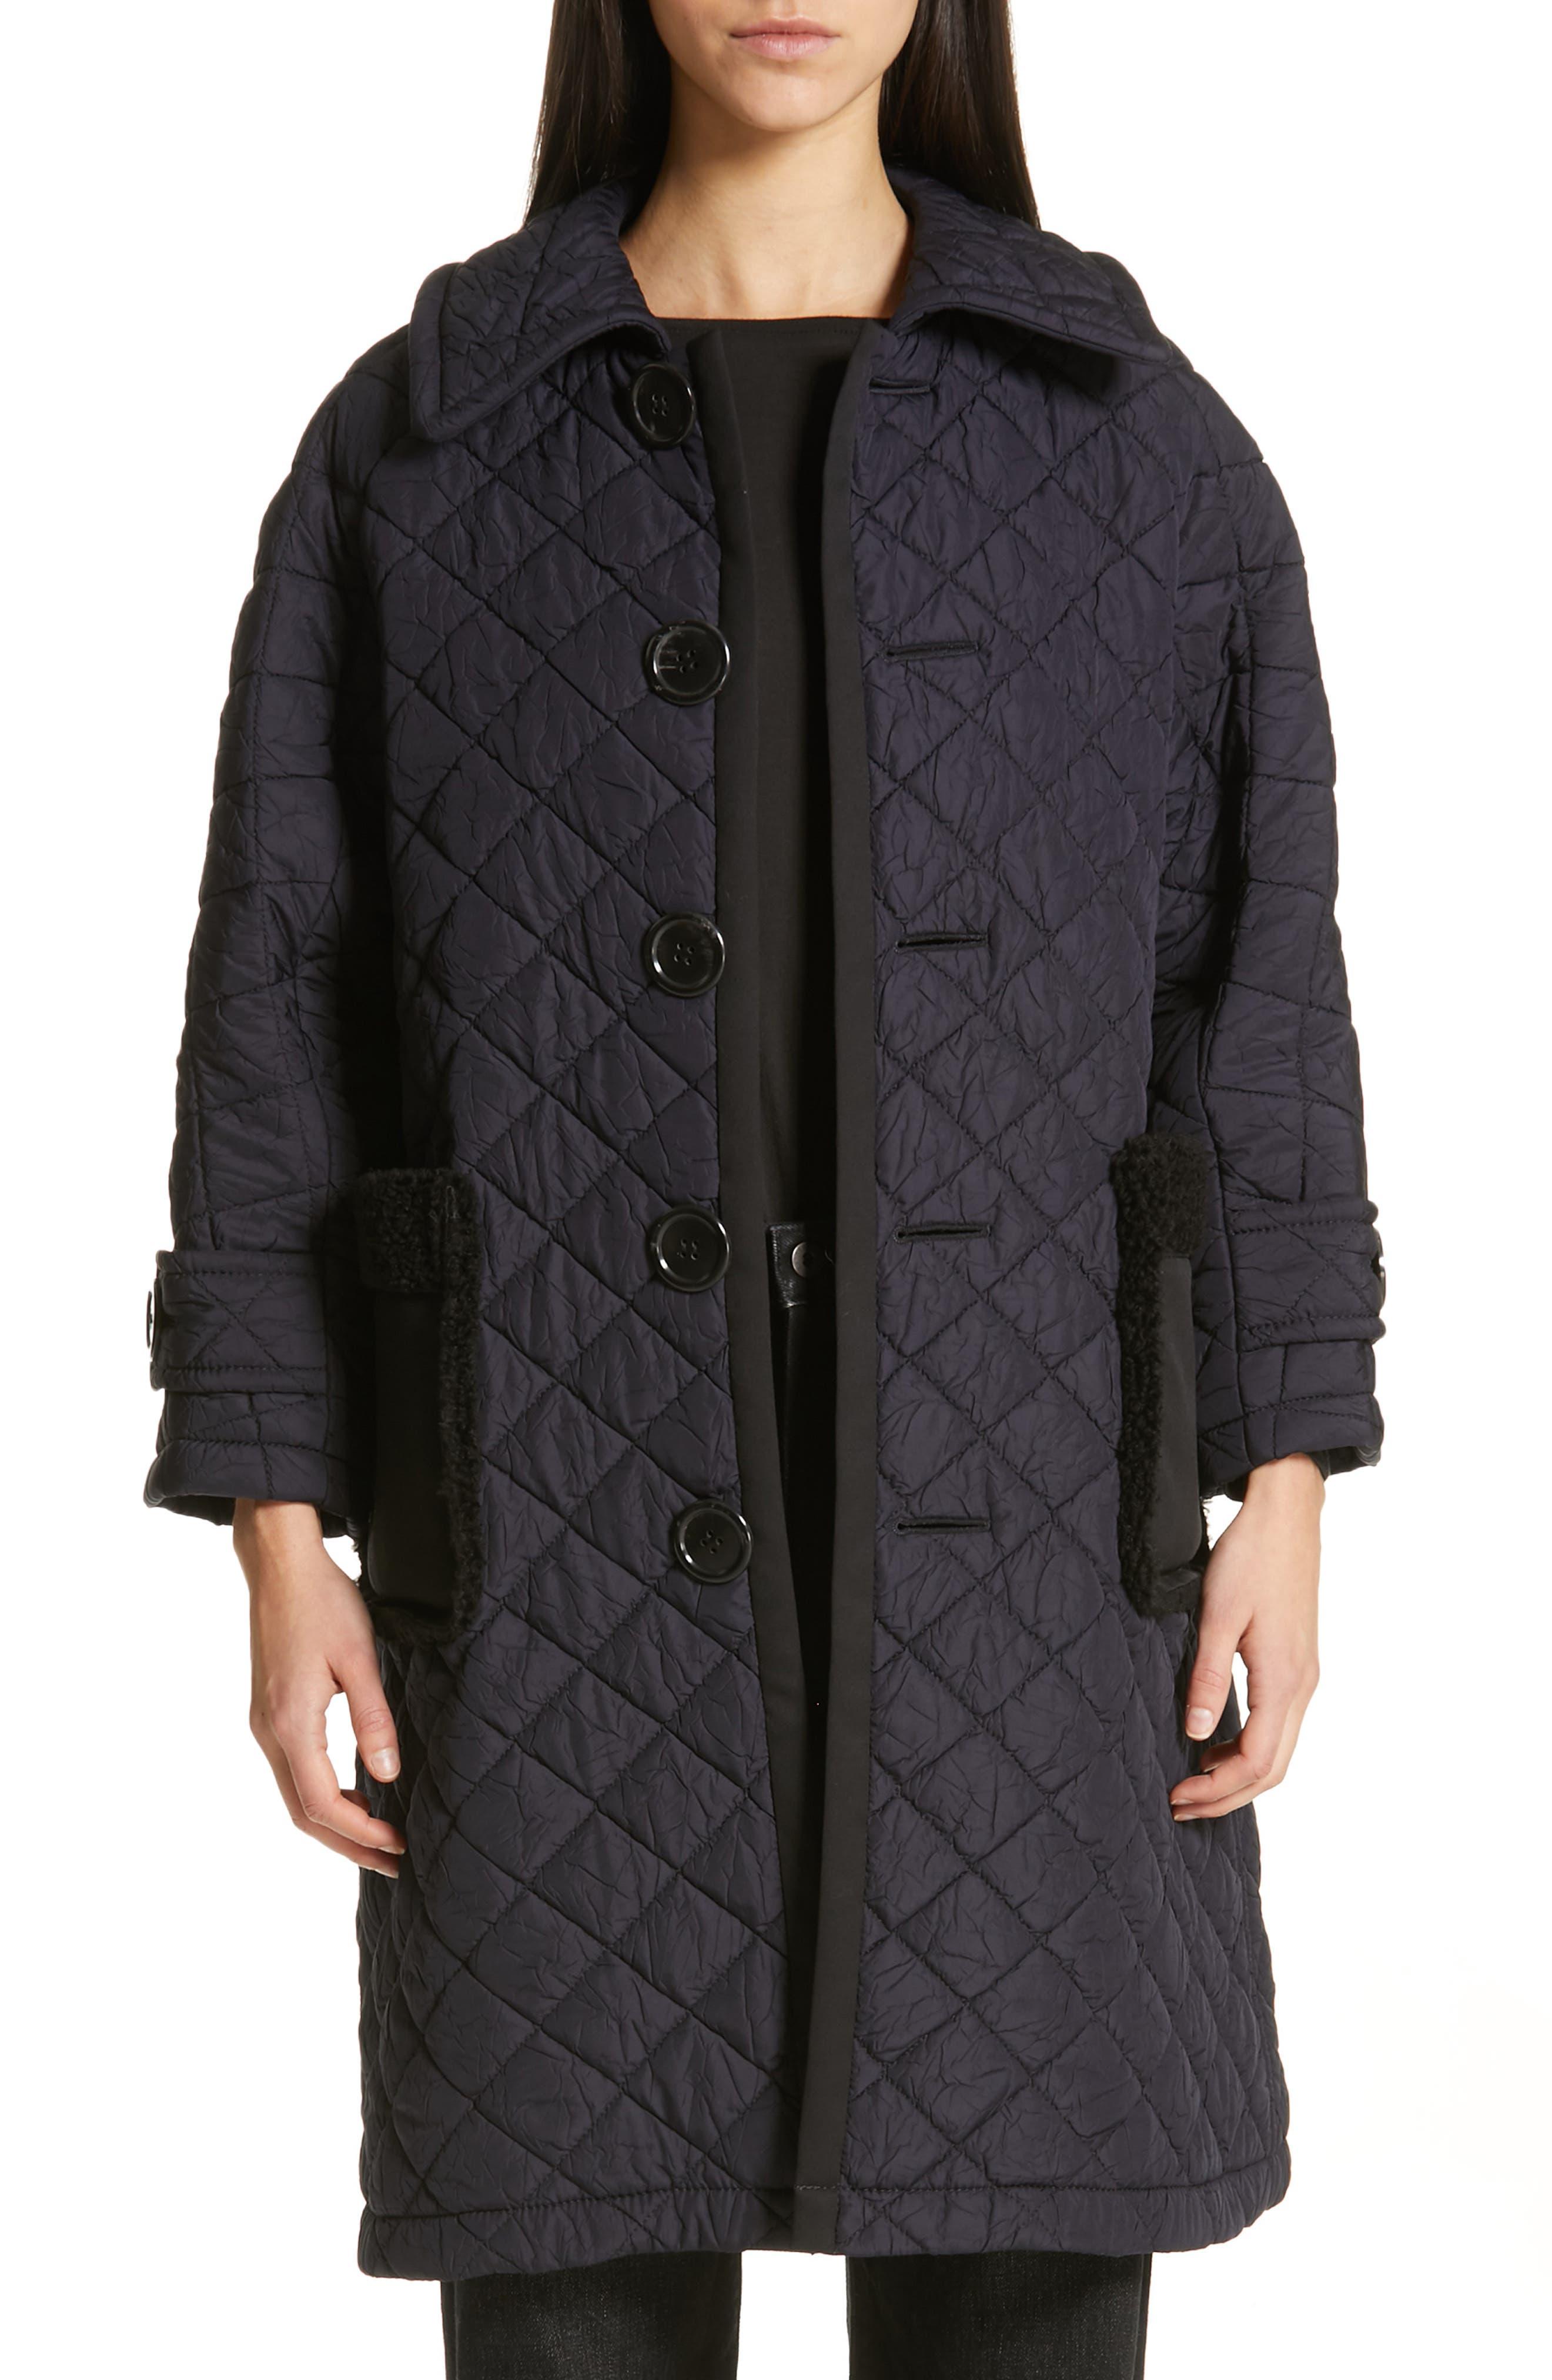 TRICOT COMME DES GARÇONS, Quilted Coat with Faux Fur Trim, Main thumbnail 1, color, NAVY X BLACK